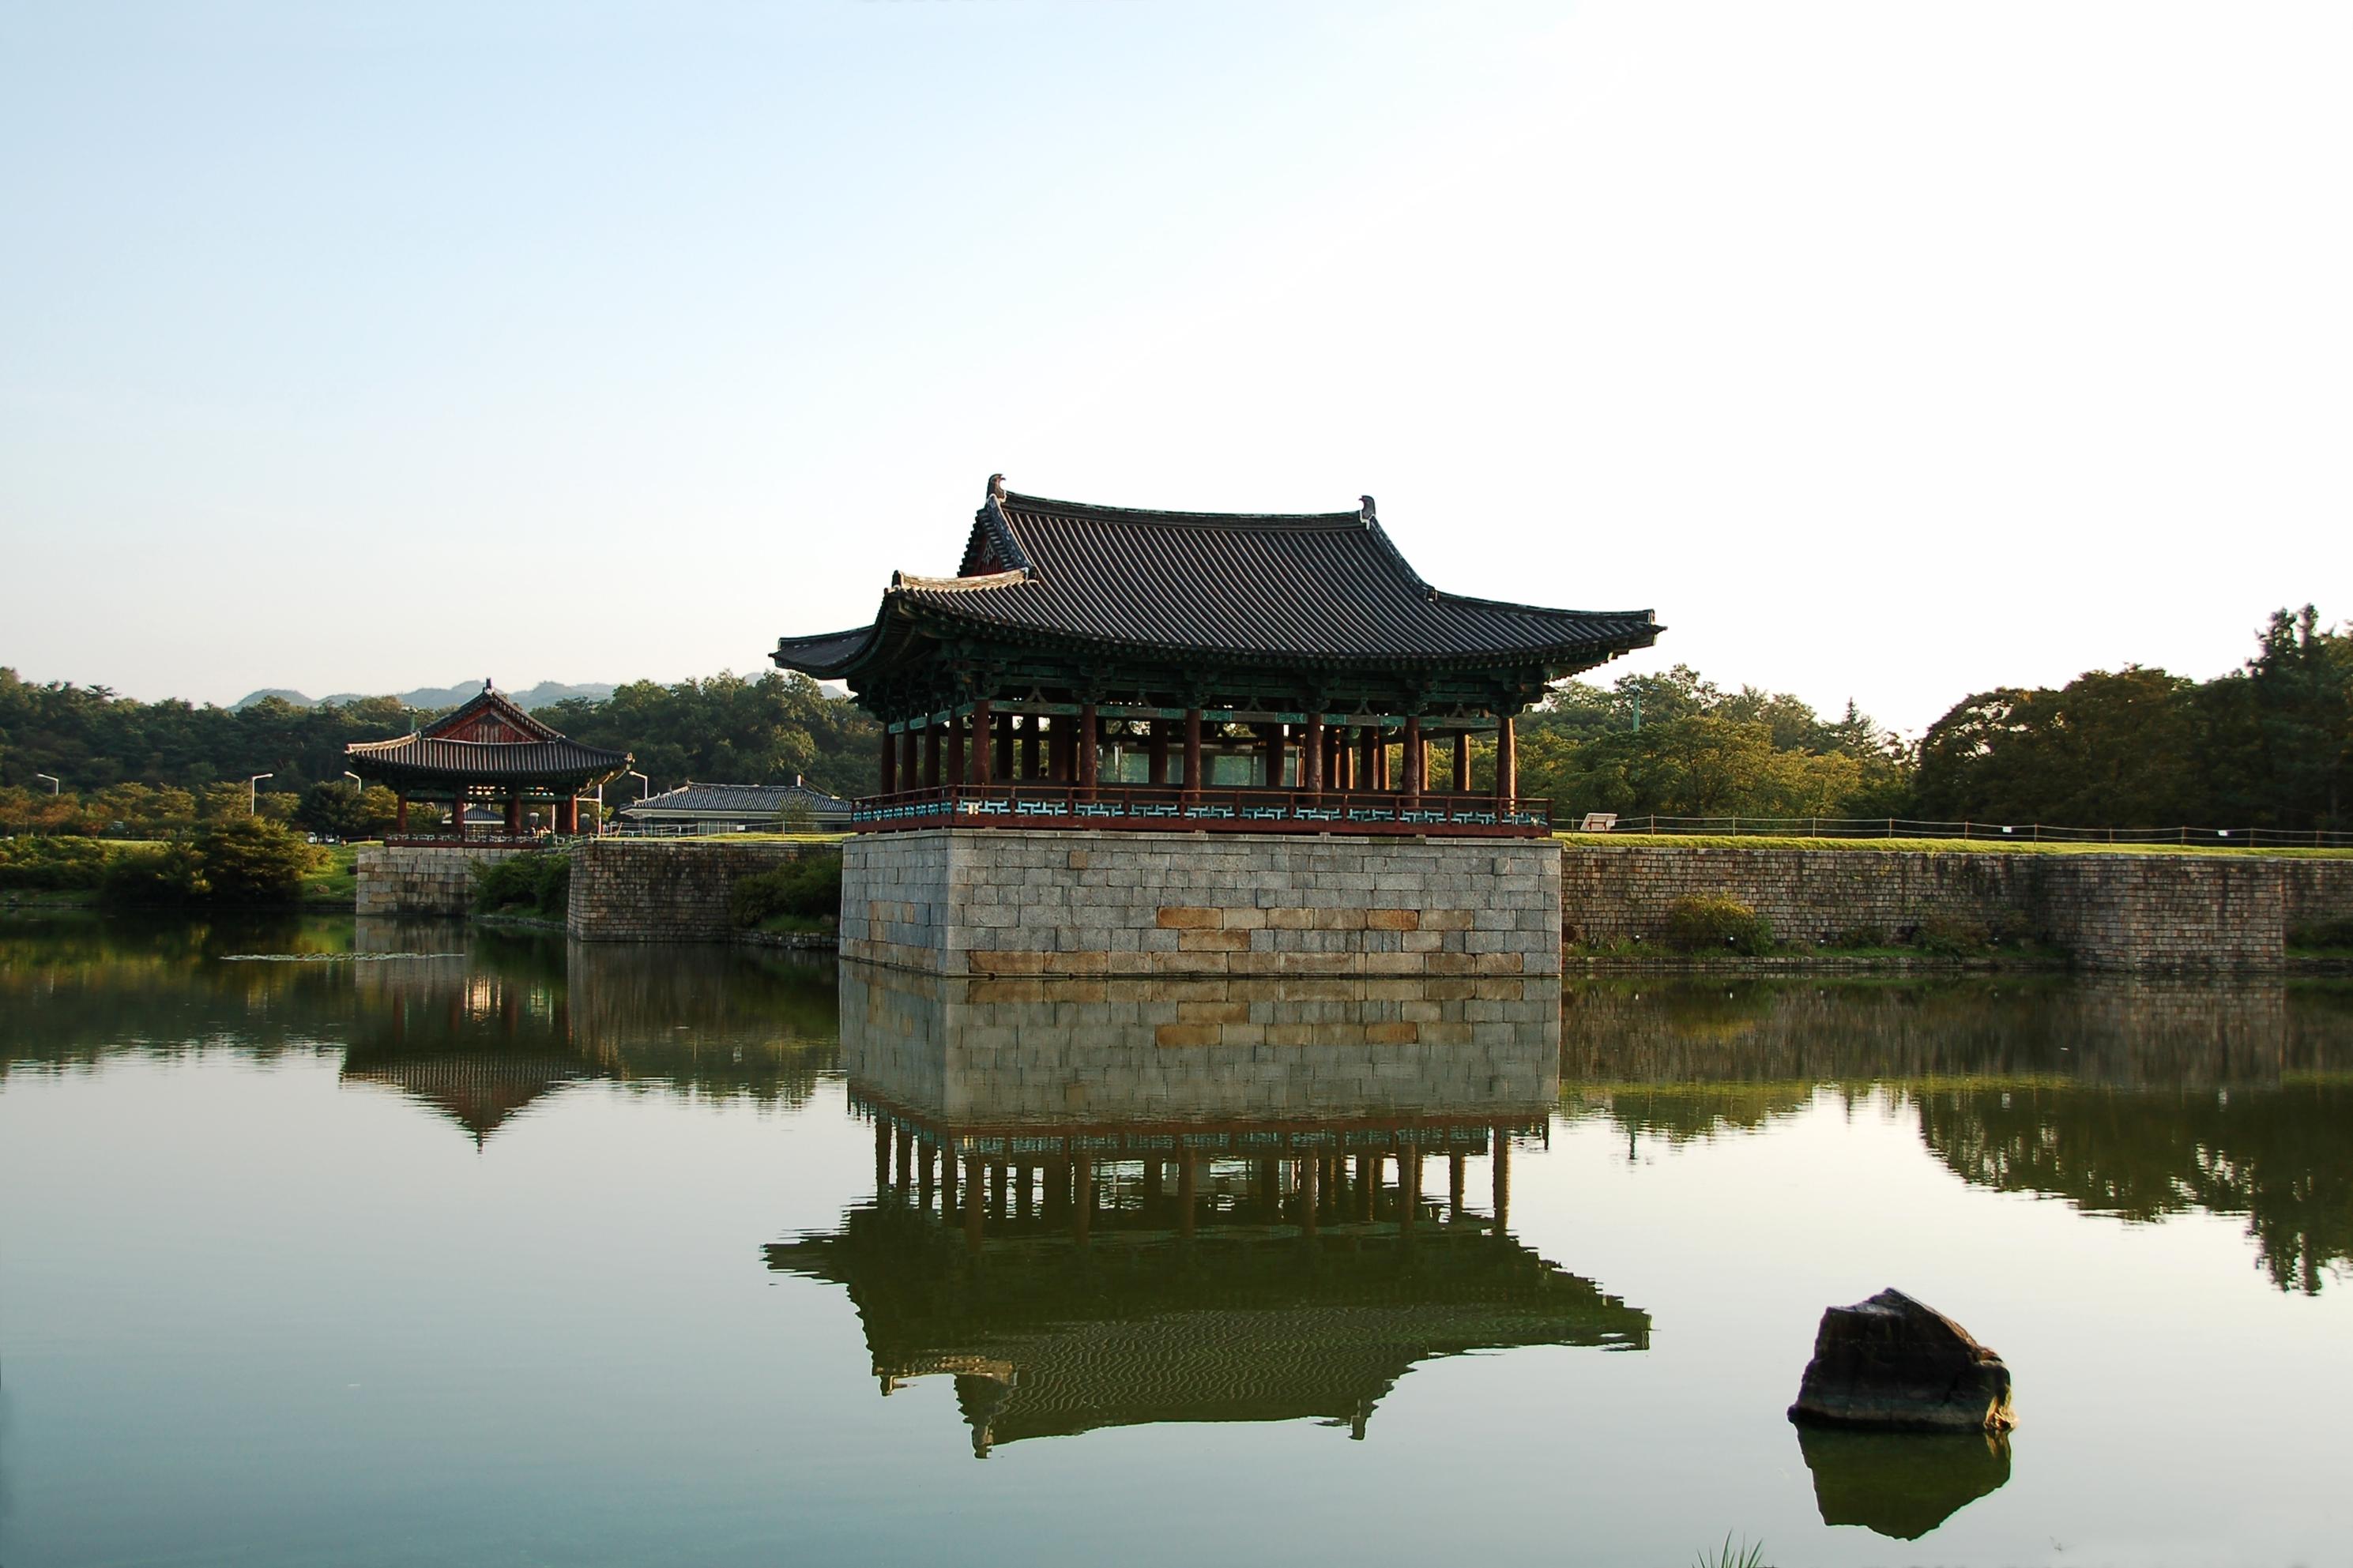 Anapji_Pond-Gyeongju-Korea-2006-09